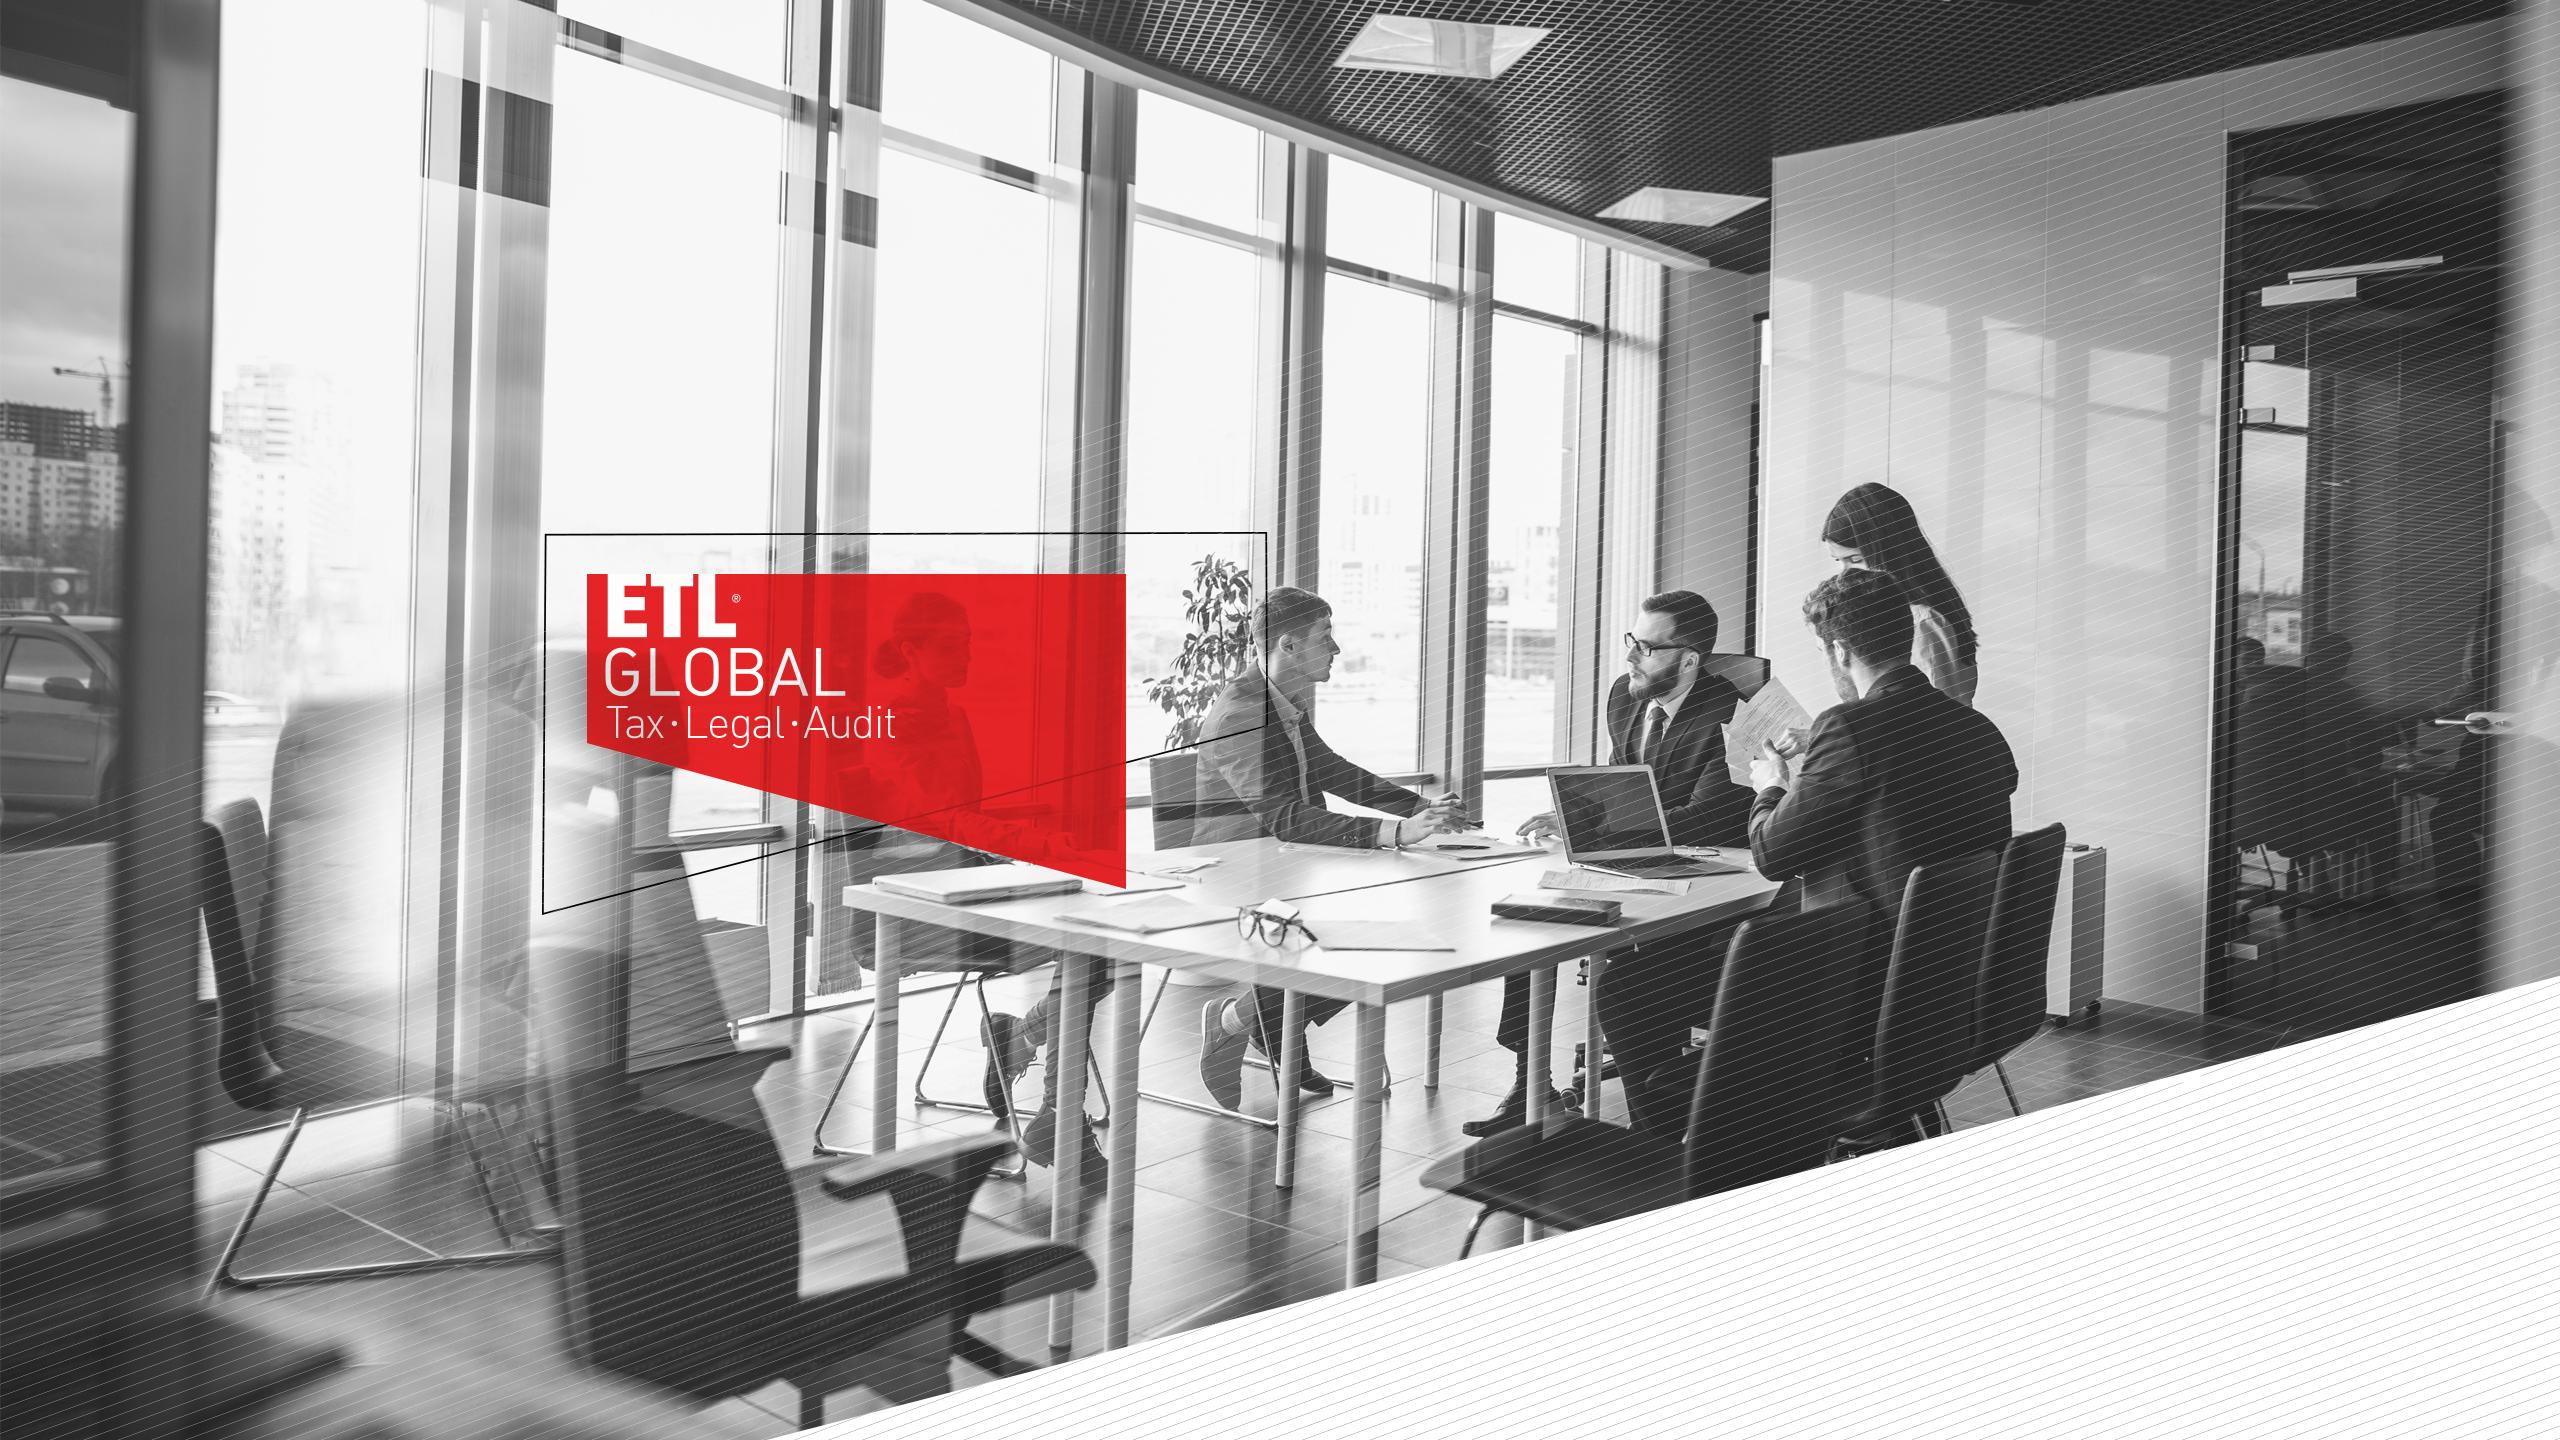 ETL Global